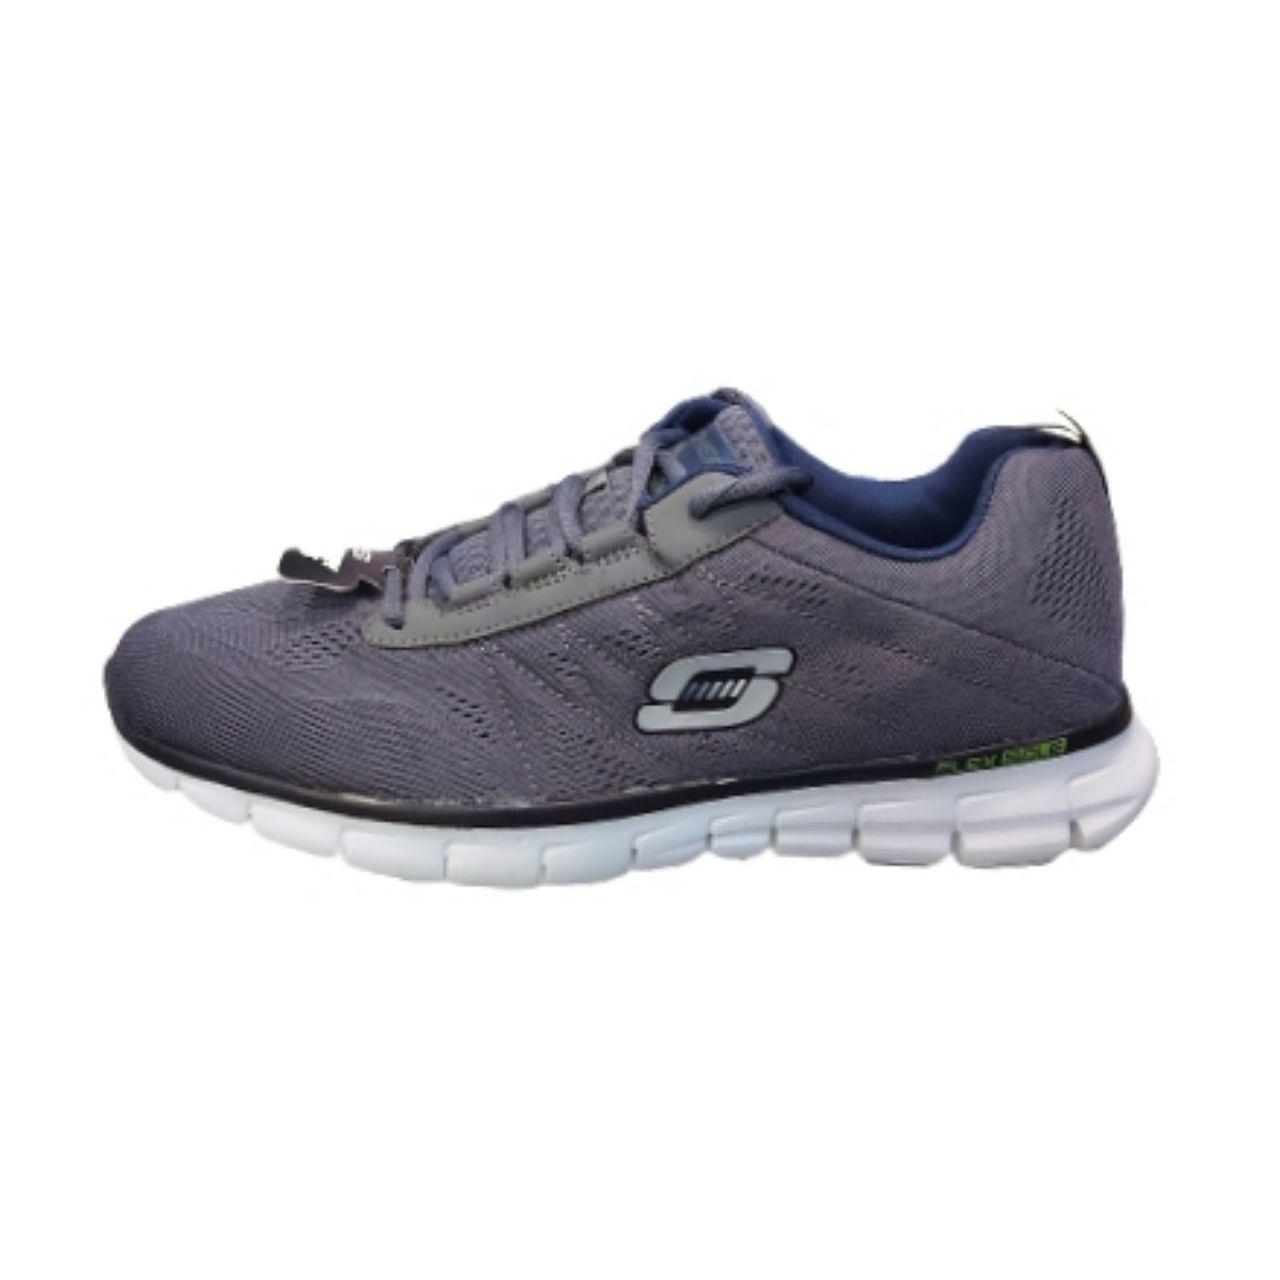 کفش راحتی مردانه اسکچرز مدل Flex Sole